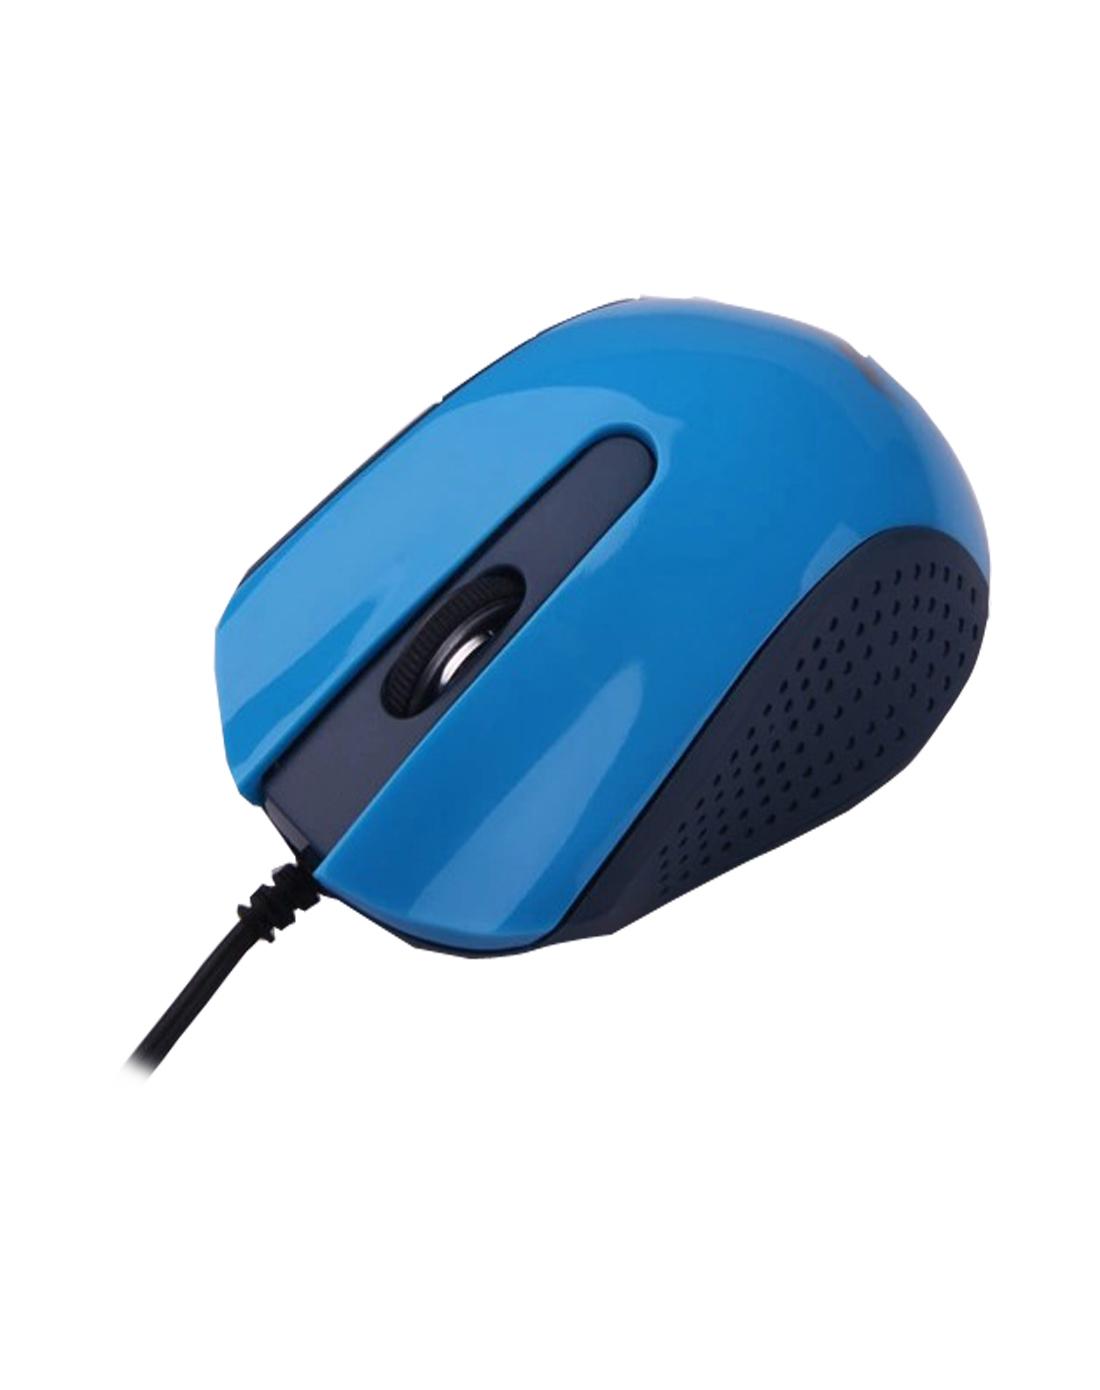 华硕asus笔记本电脑专场华硕有线鼠标ae-01/蓝色